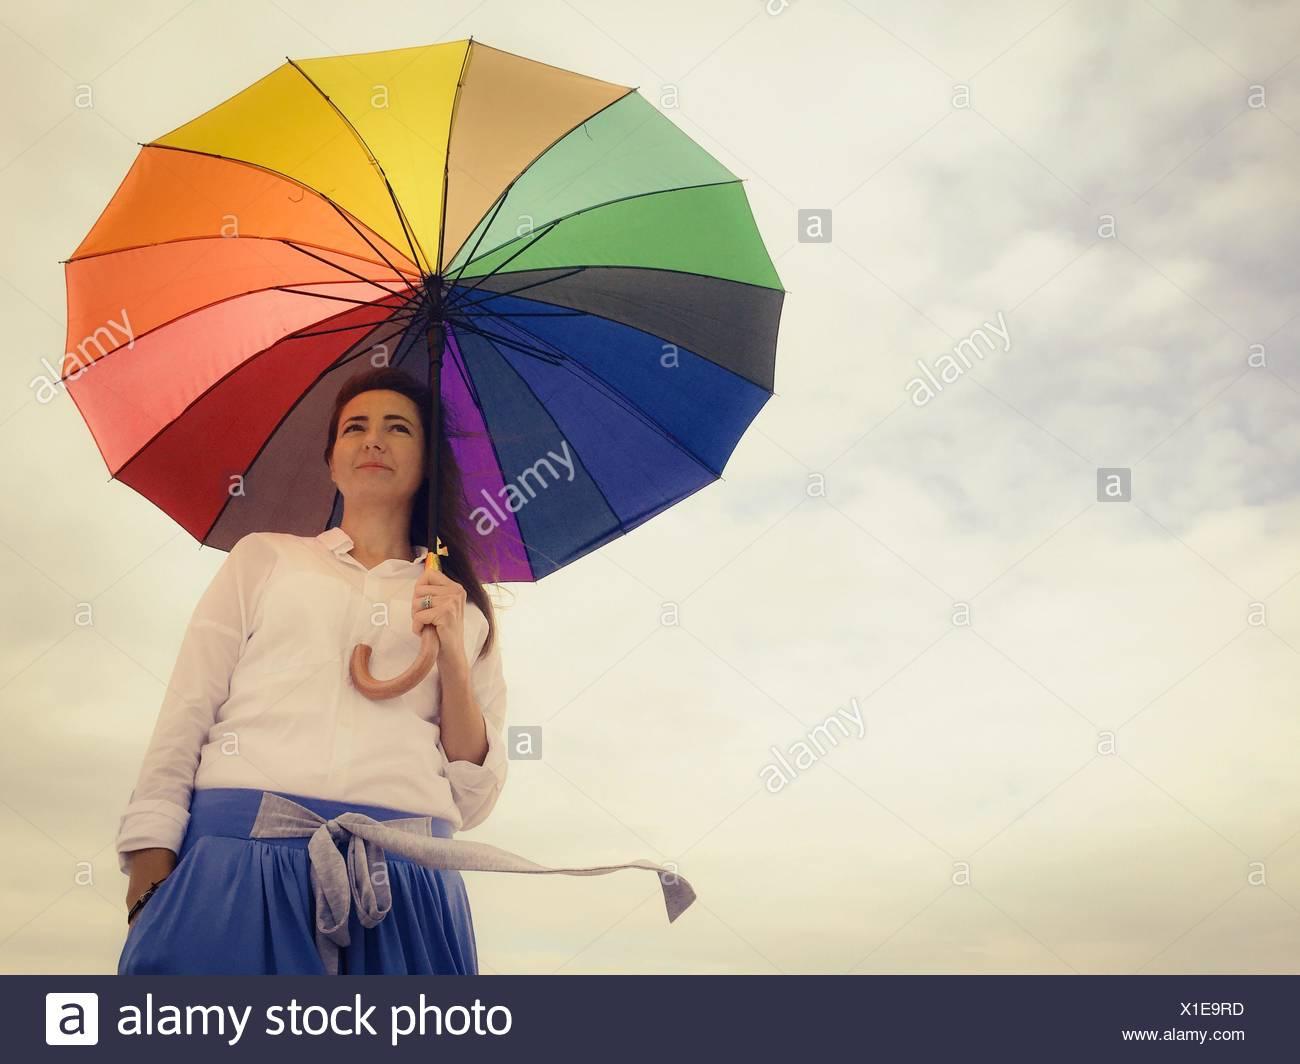 Ángulo de visión baja de hermosa mujer de pie con paraguas multicolores contra el cielo nublado Imagen De Stock